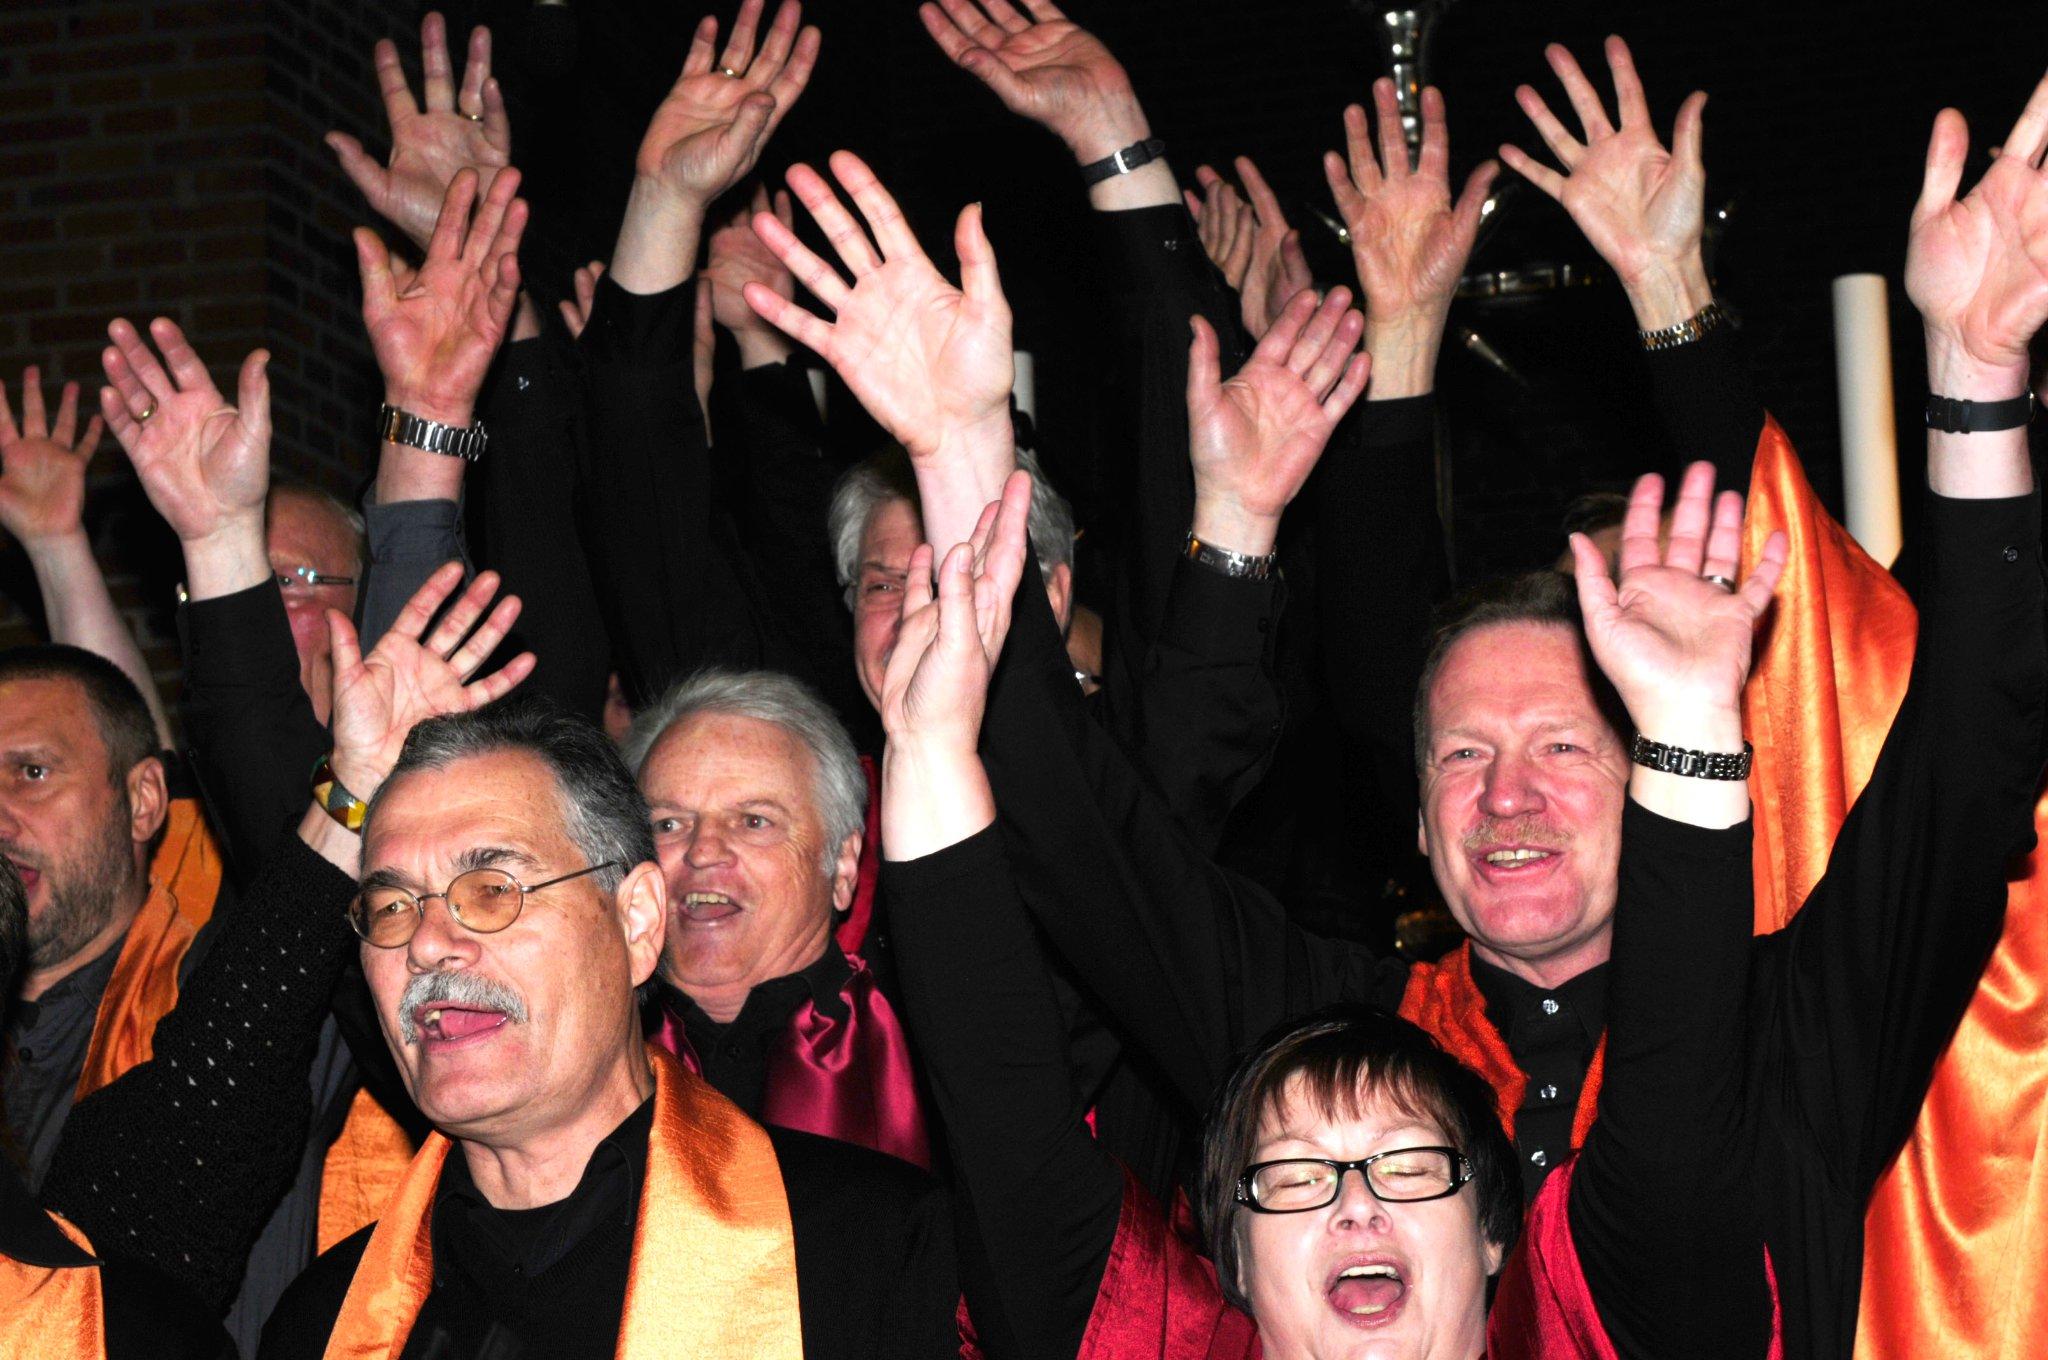 20120422 Reformations Gedaechtniskirche 071